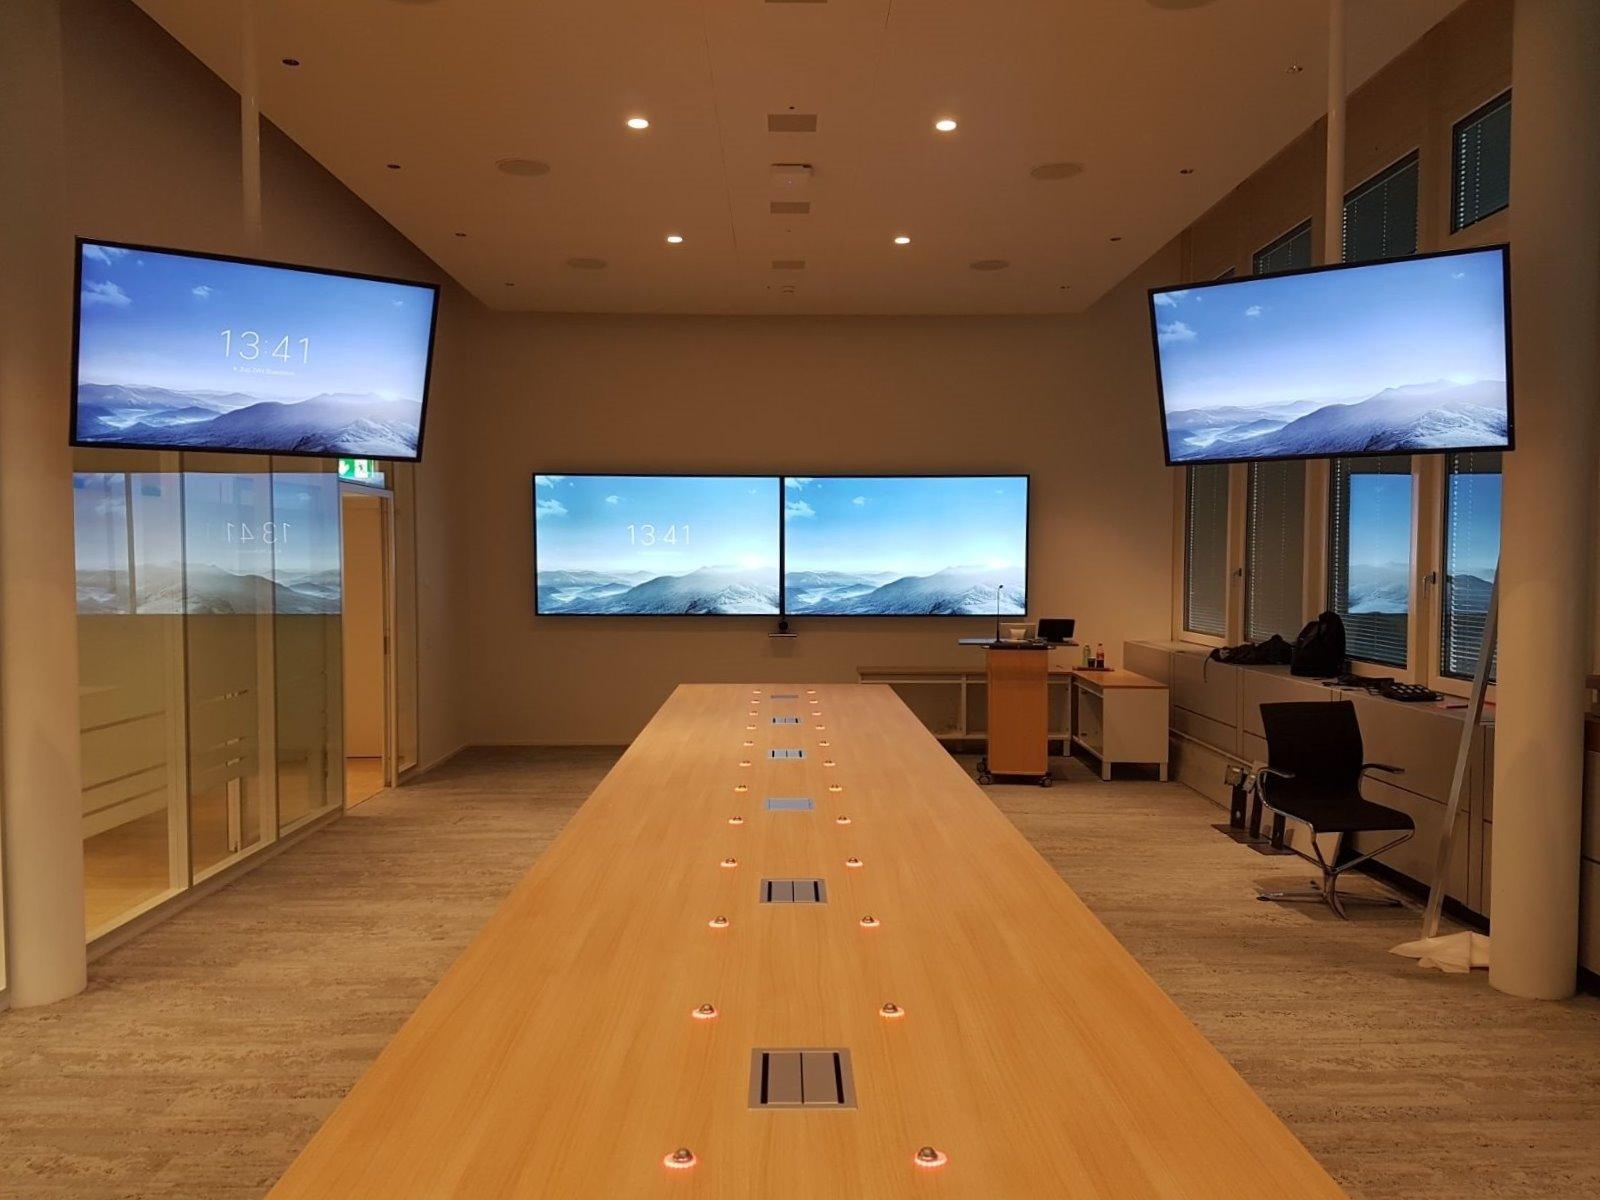 Un nou proiect major Aniva. Cum am reușit să instalăm o soluție simplă și eficientă pentru o sală de ședințe.